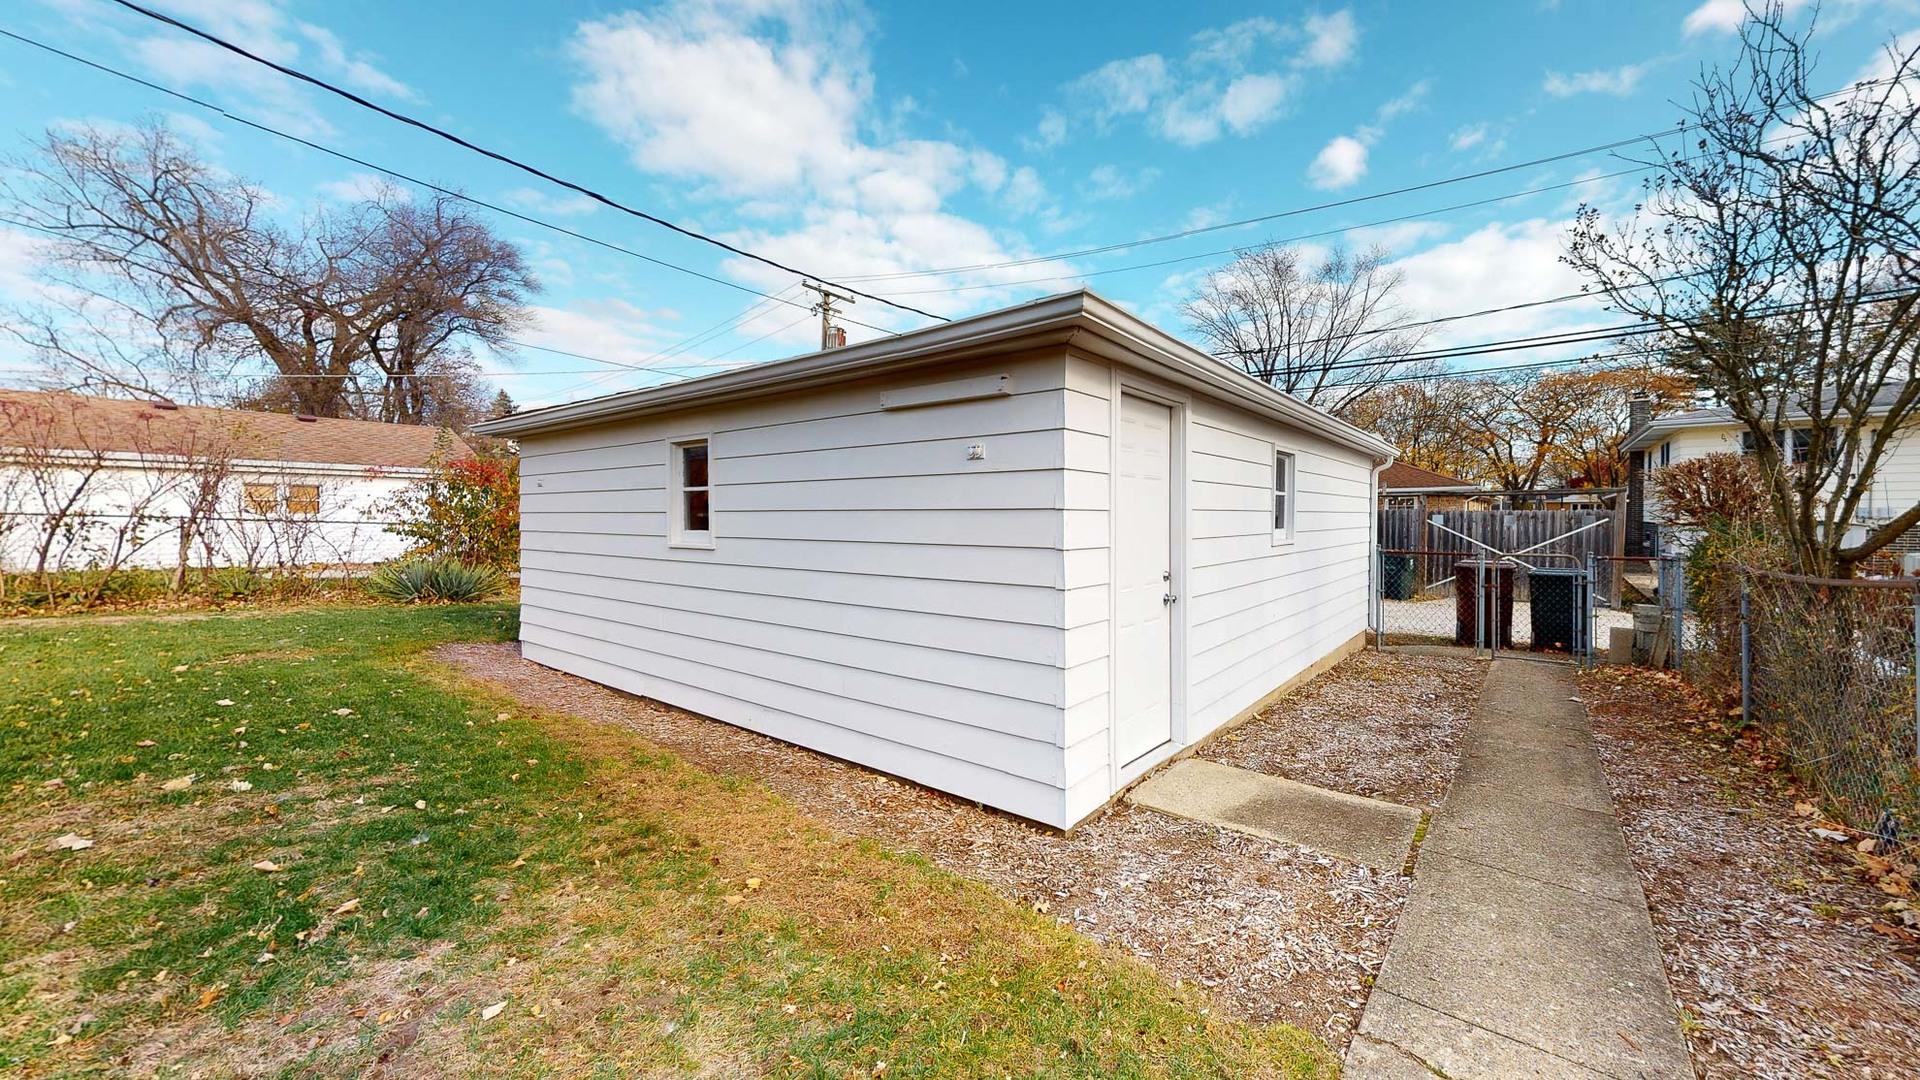 9907 Keystone ,Skokie, Illinois 60076